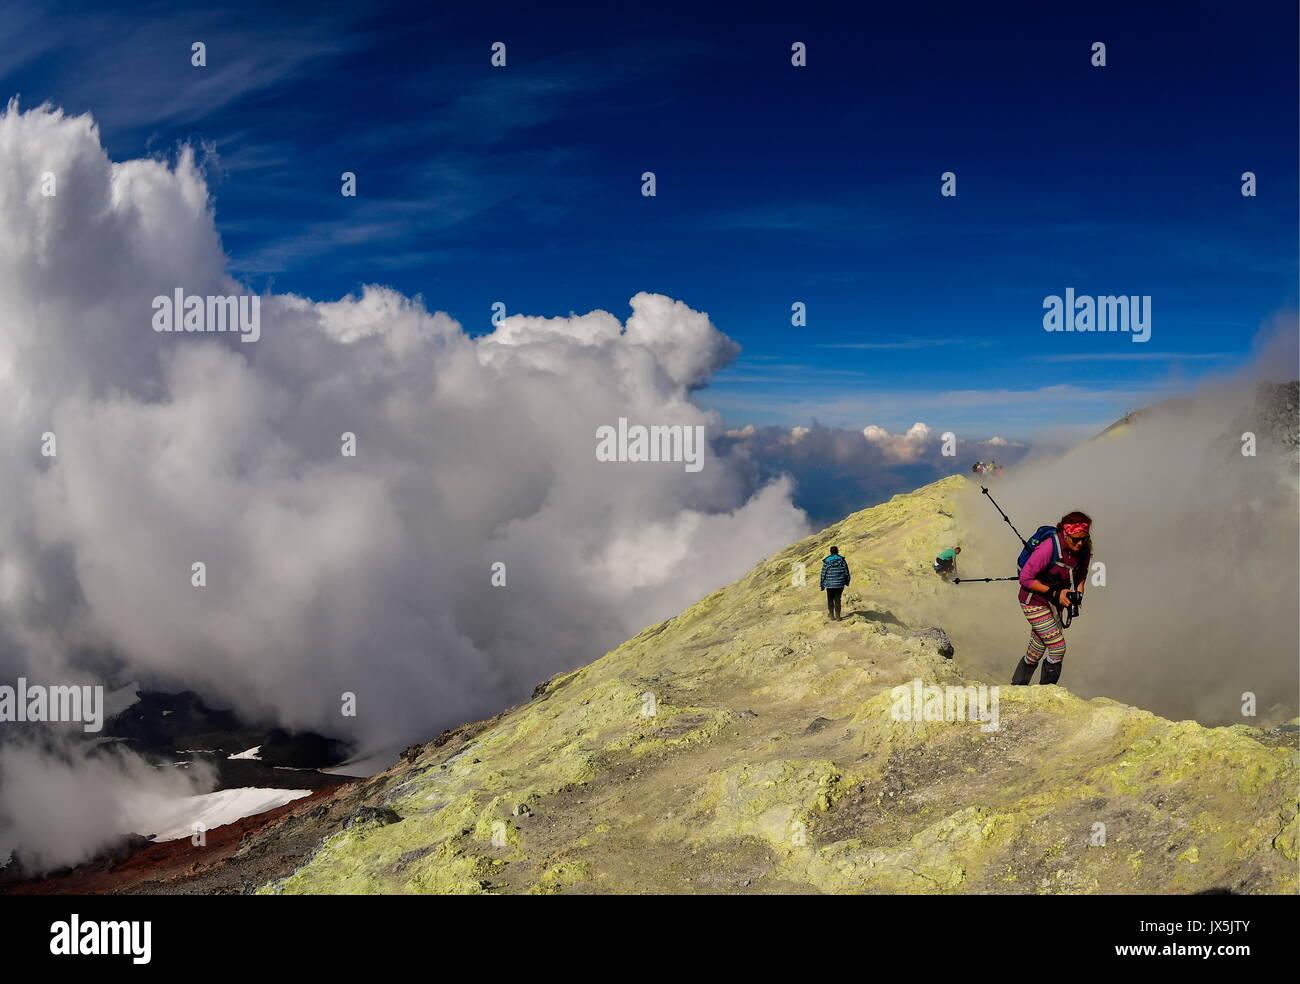 Territorio del Kamchatka, Russia. 12 Ago, 2017. I turisti presso il cratere dell'Avachinsky attivi Stratovulcano. Immagini Stock